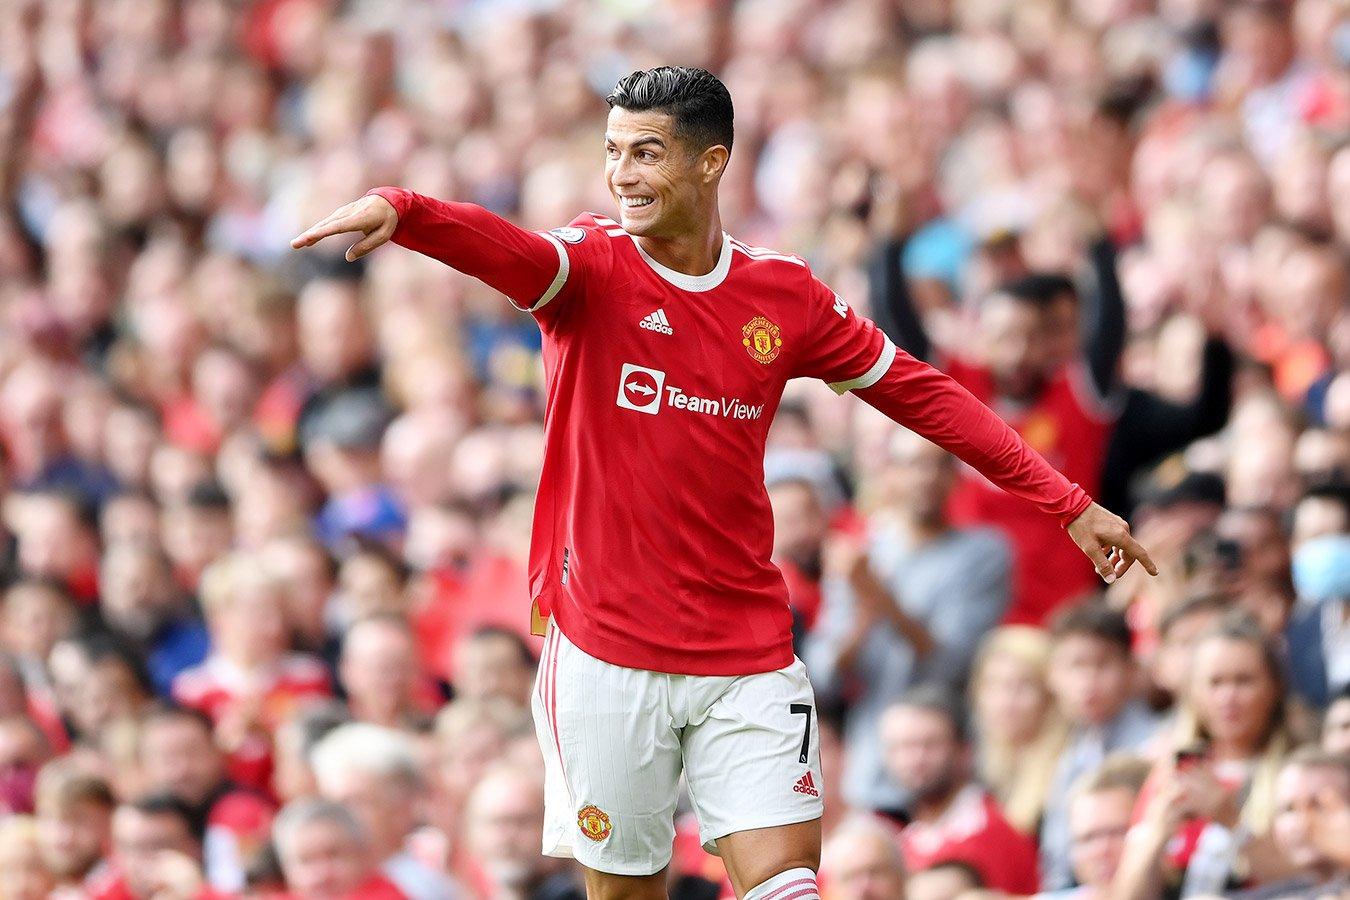 Роналду оформил дубль в первом матче после возвращения в «Манчестер Юнайтед»